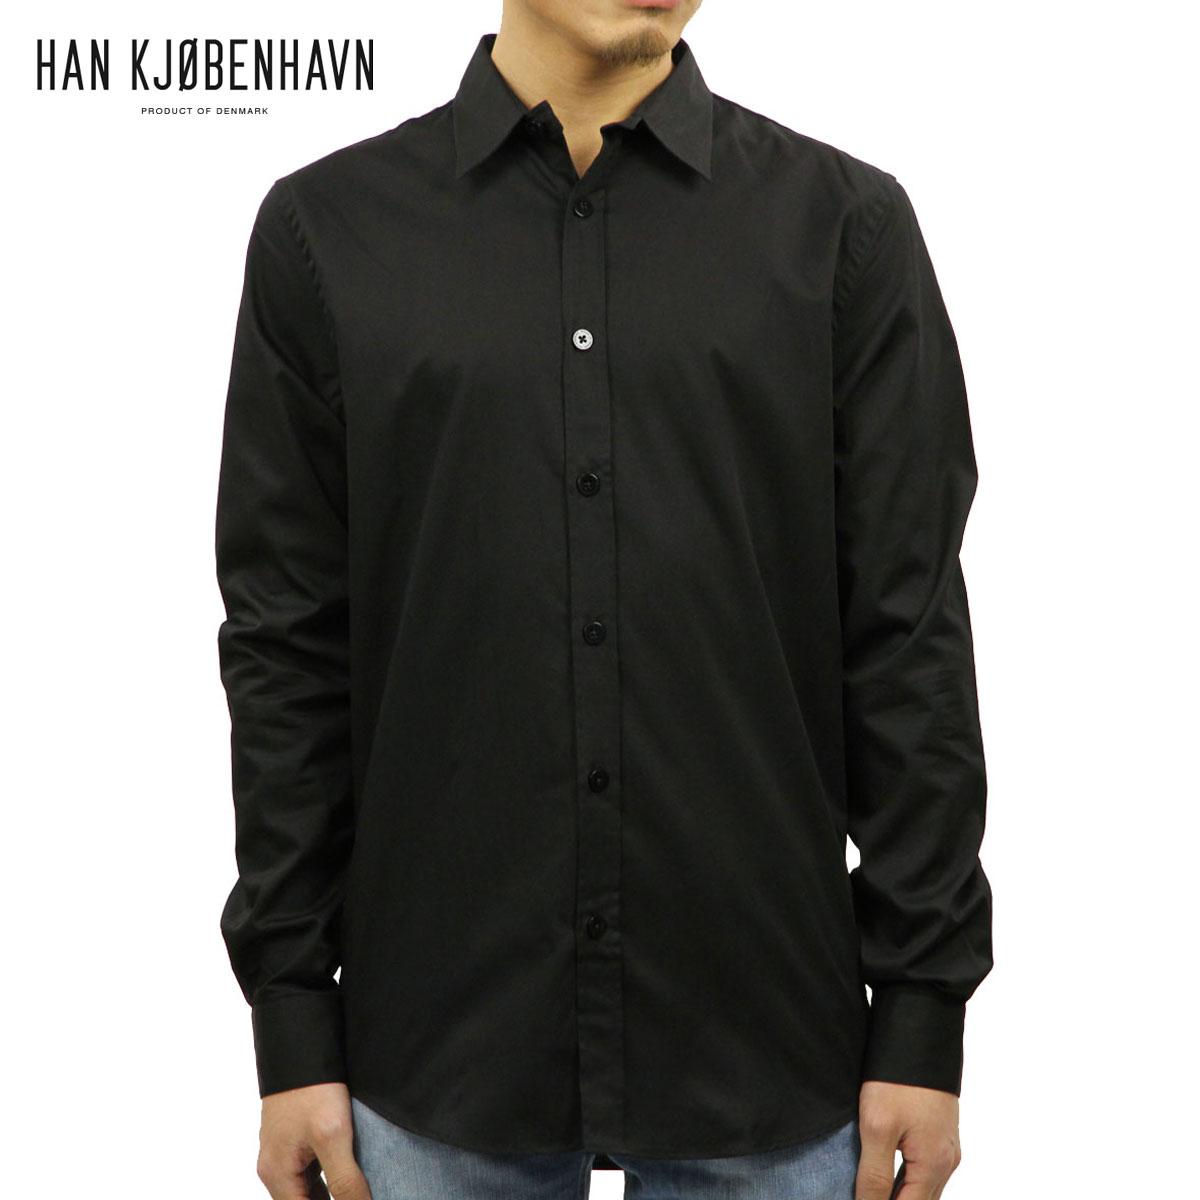 ハン HAN KJOBENHAVN メンズ シャツ EVERYDAY SHIRT 39.1 BLACK D00S20